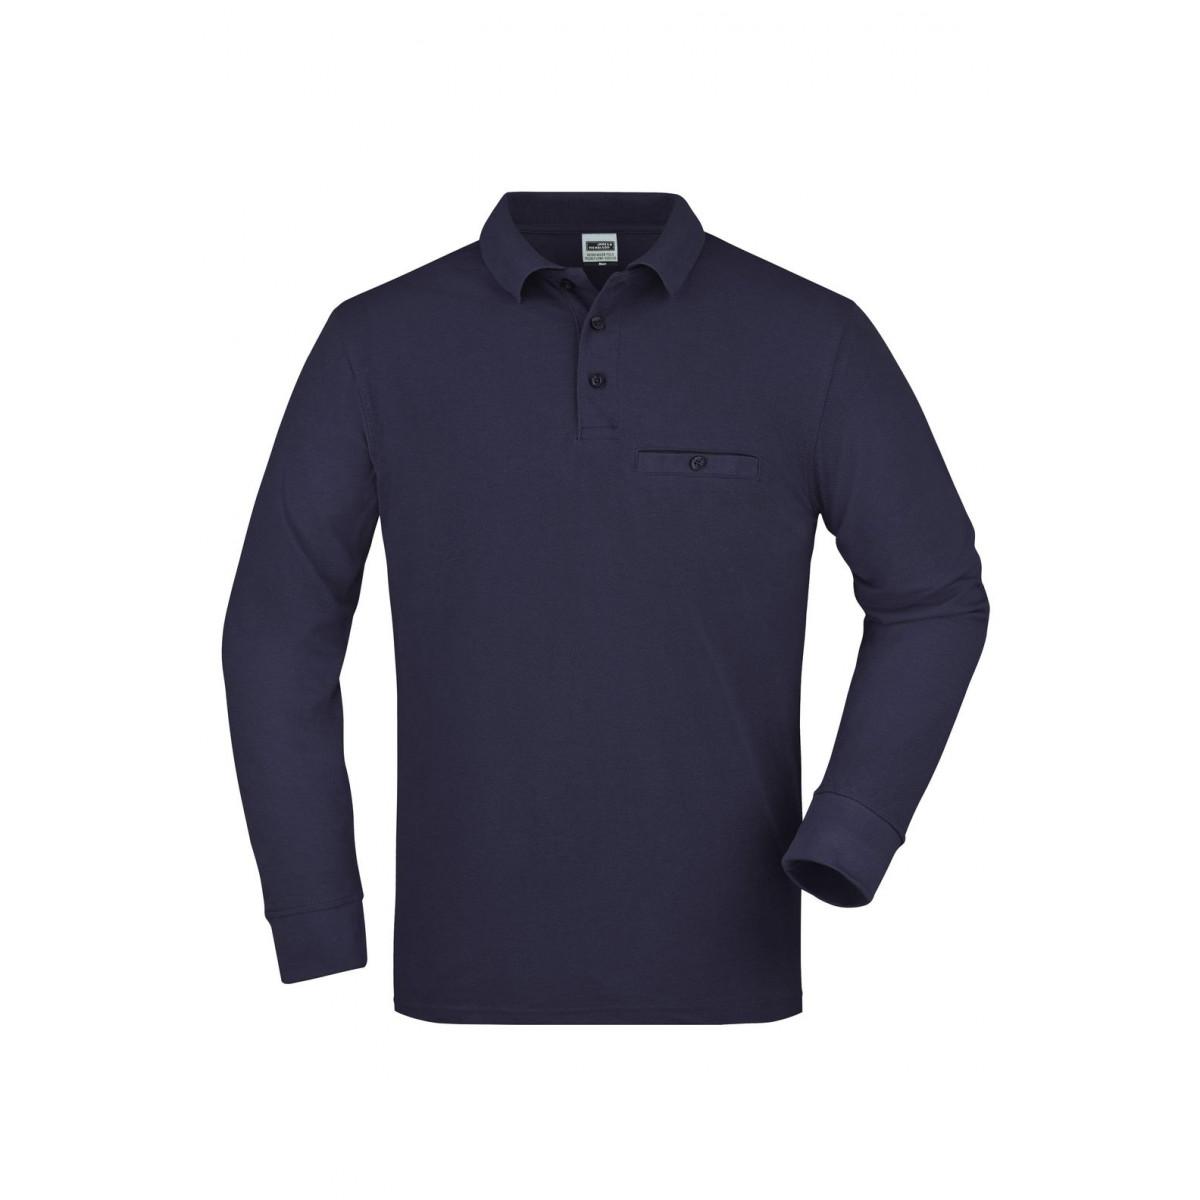 Рубашка поло мужская JN866 Mens Workwear Polo Pocket Longsleeve - Темно-синий